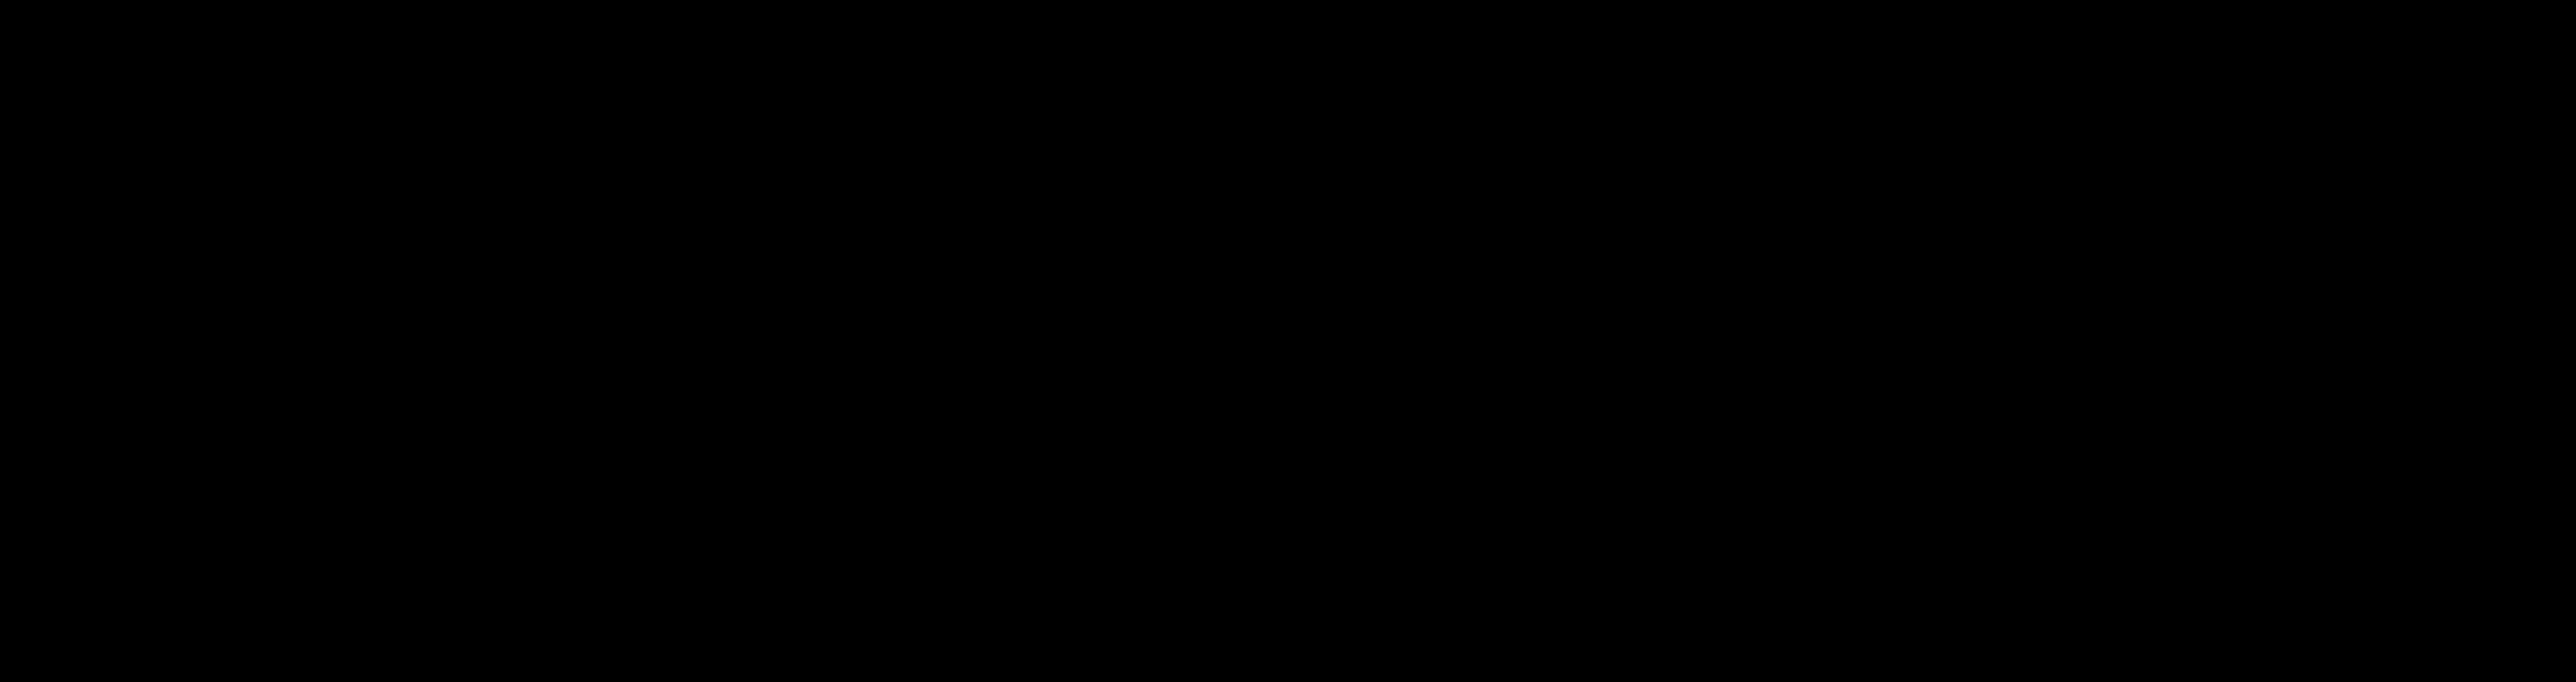 Curcumin di-O-sulfamate